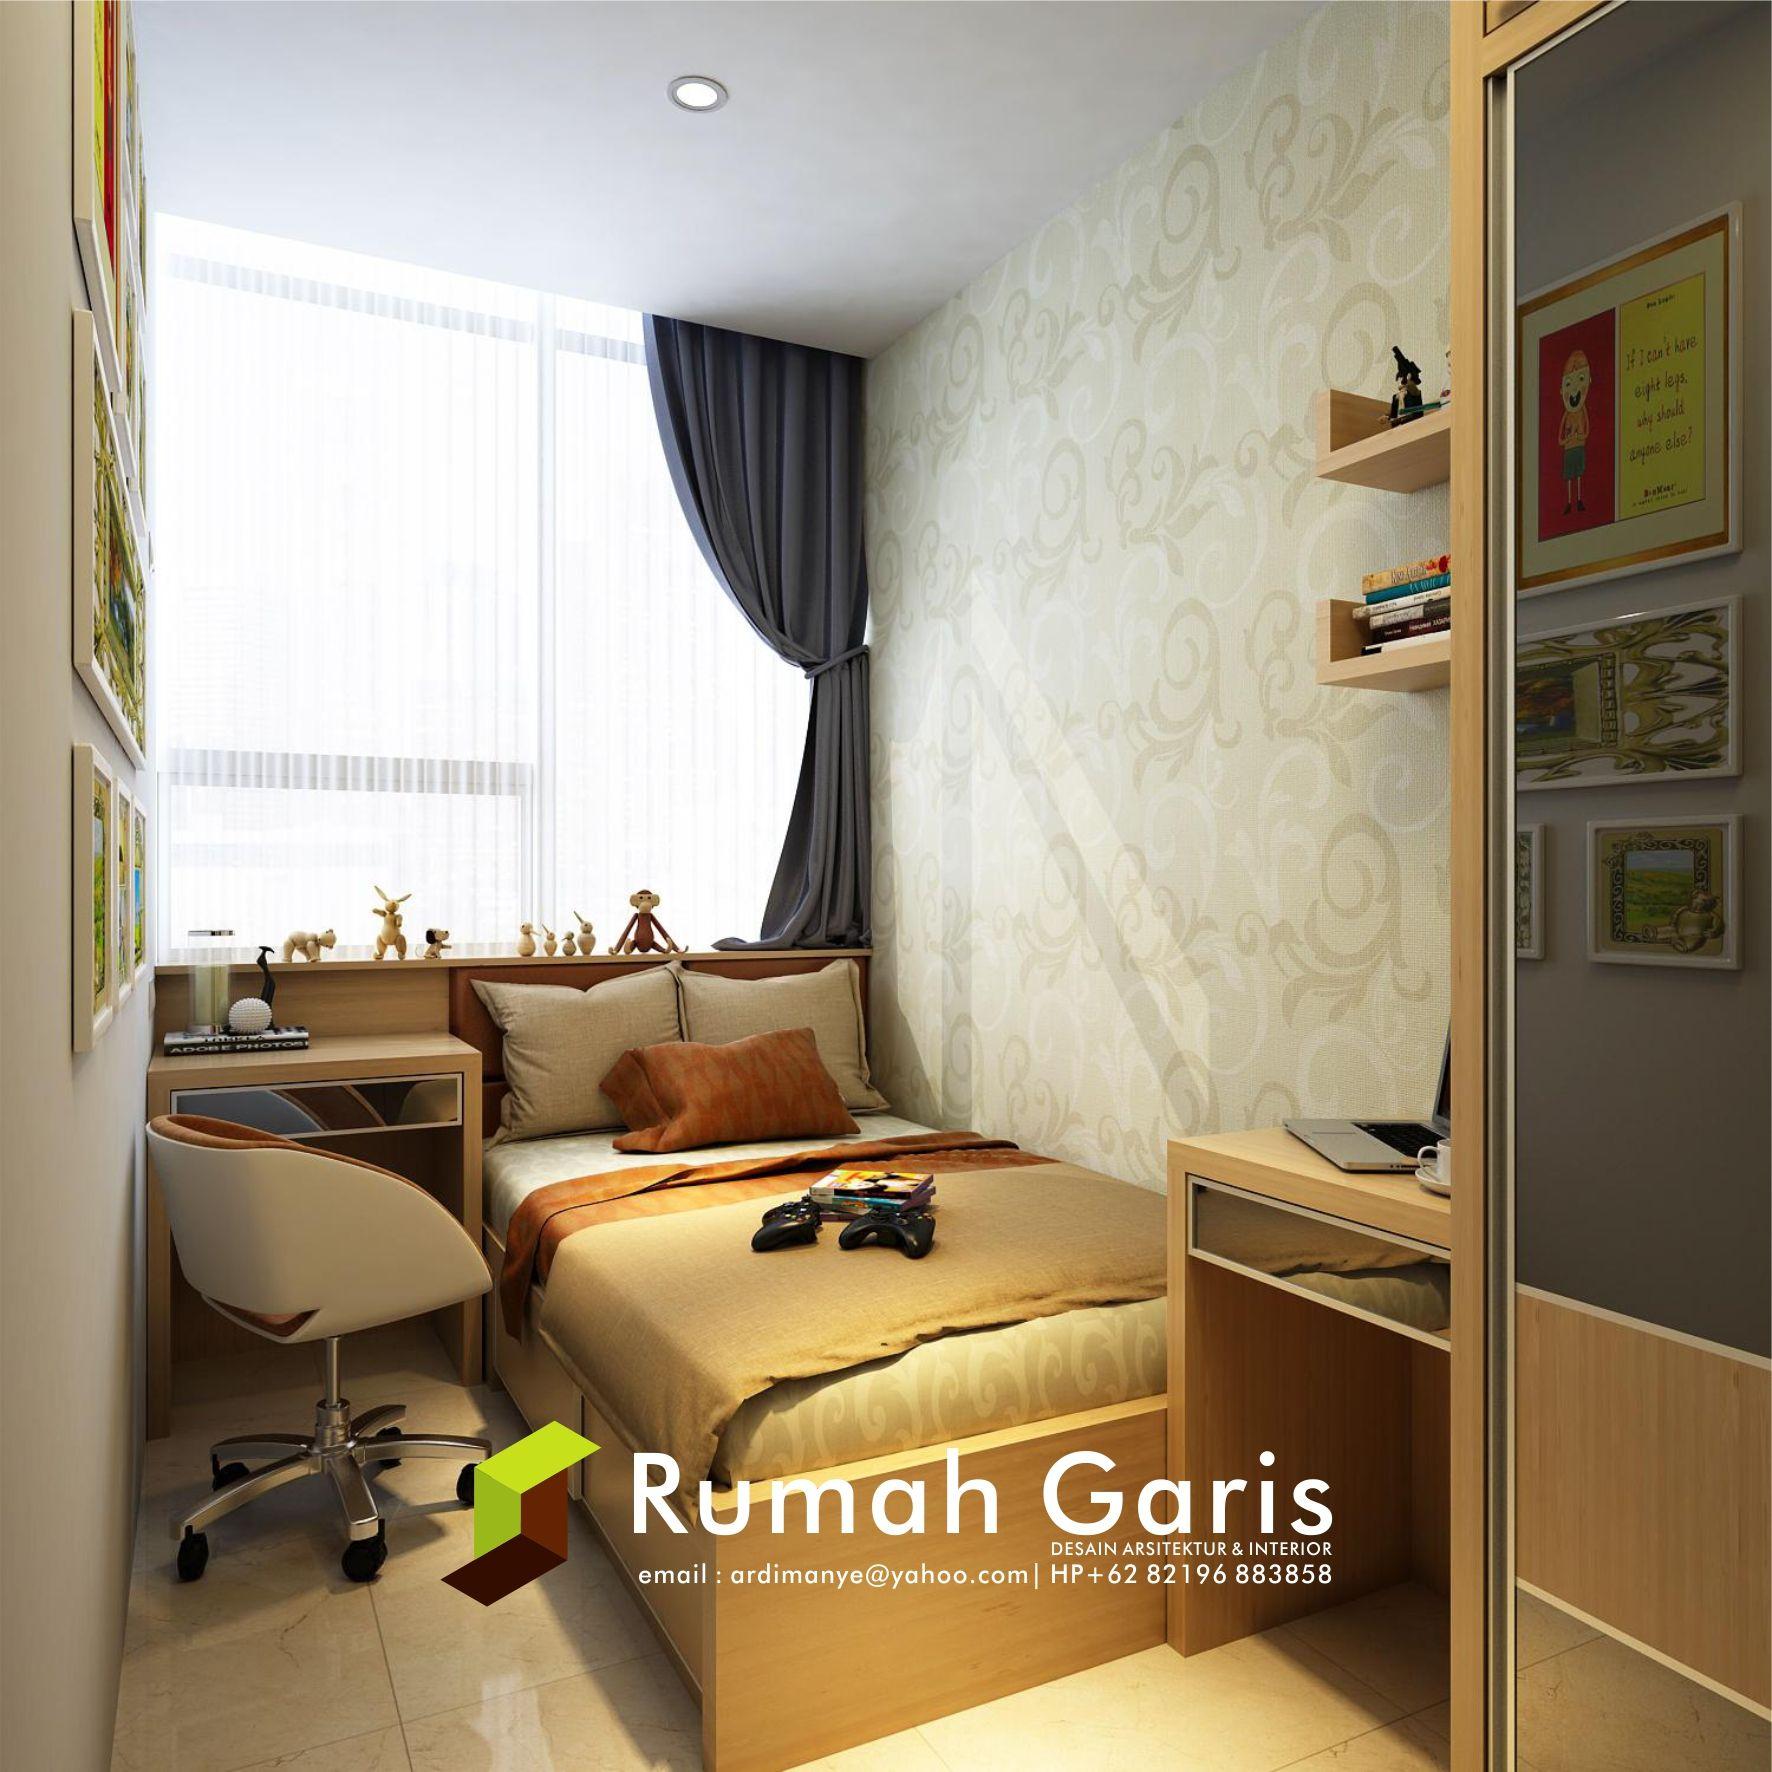 Desain kamar anak interior apartemen jakarta surabaya jasarender renderonline render  rendersketchup also rh in pinterest